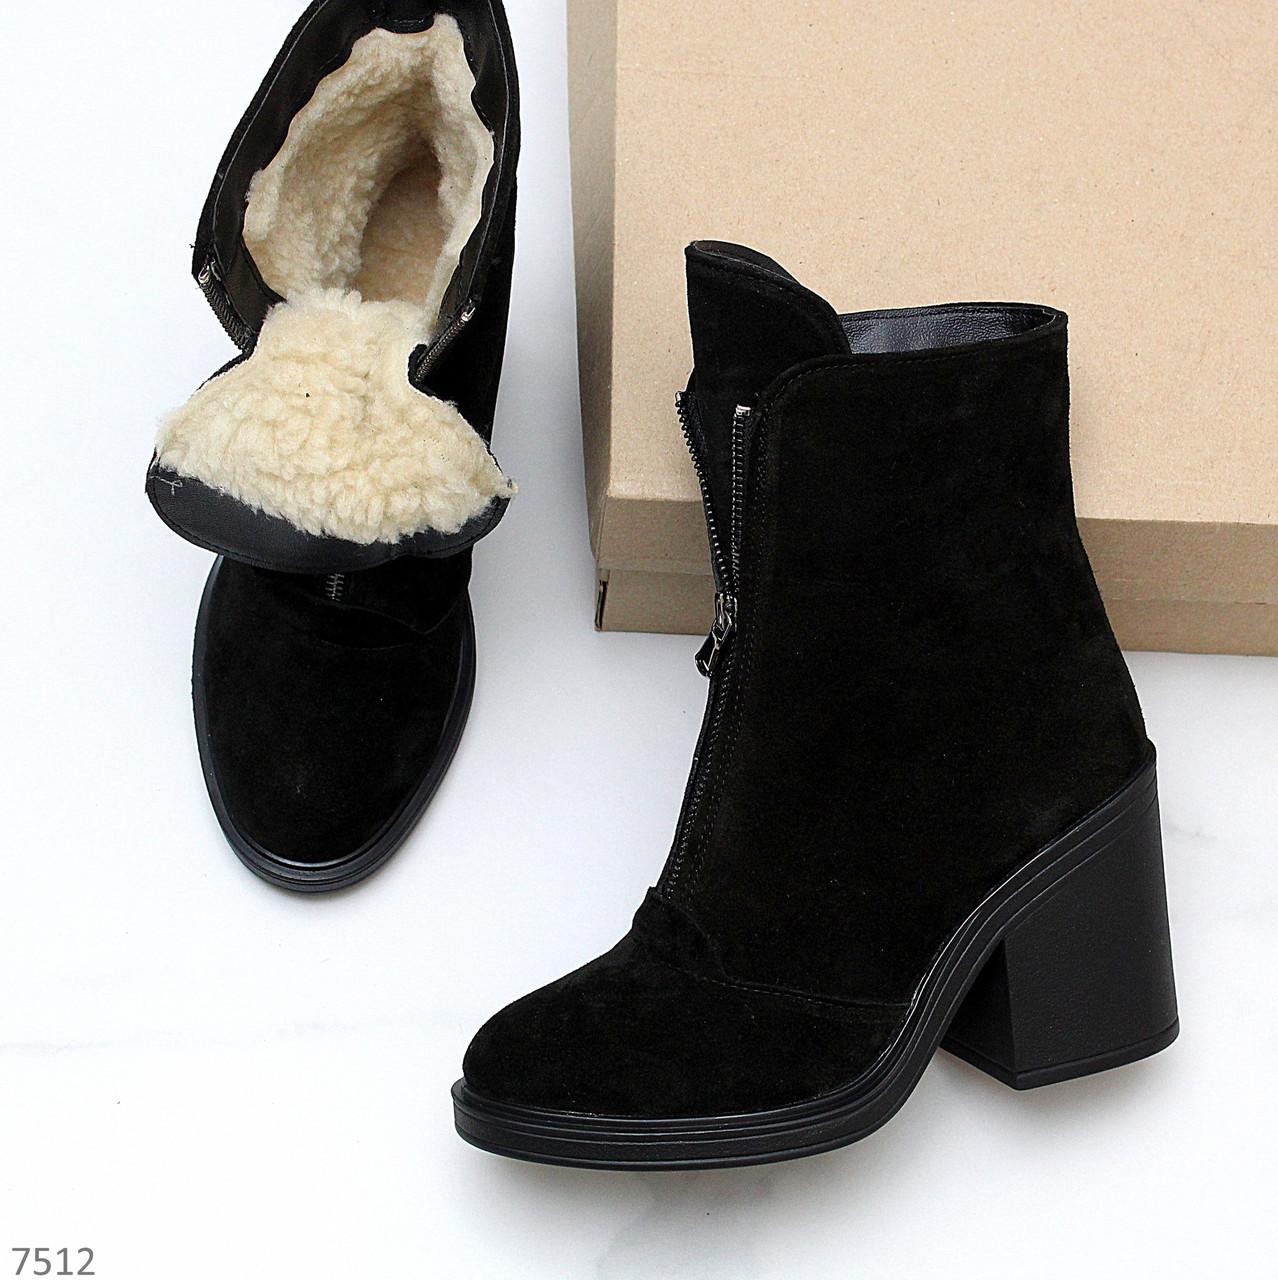 Высокие замшевые черные женские зимние ботинки натуральная замша удобный каблук